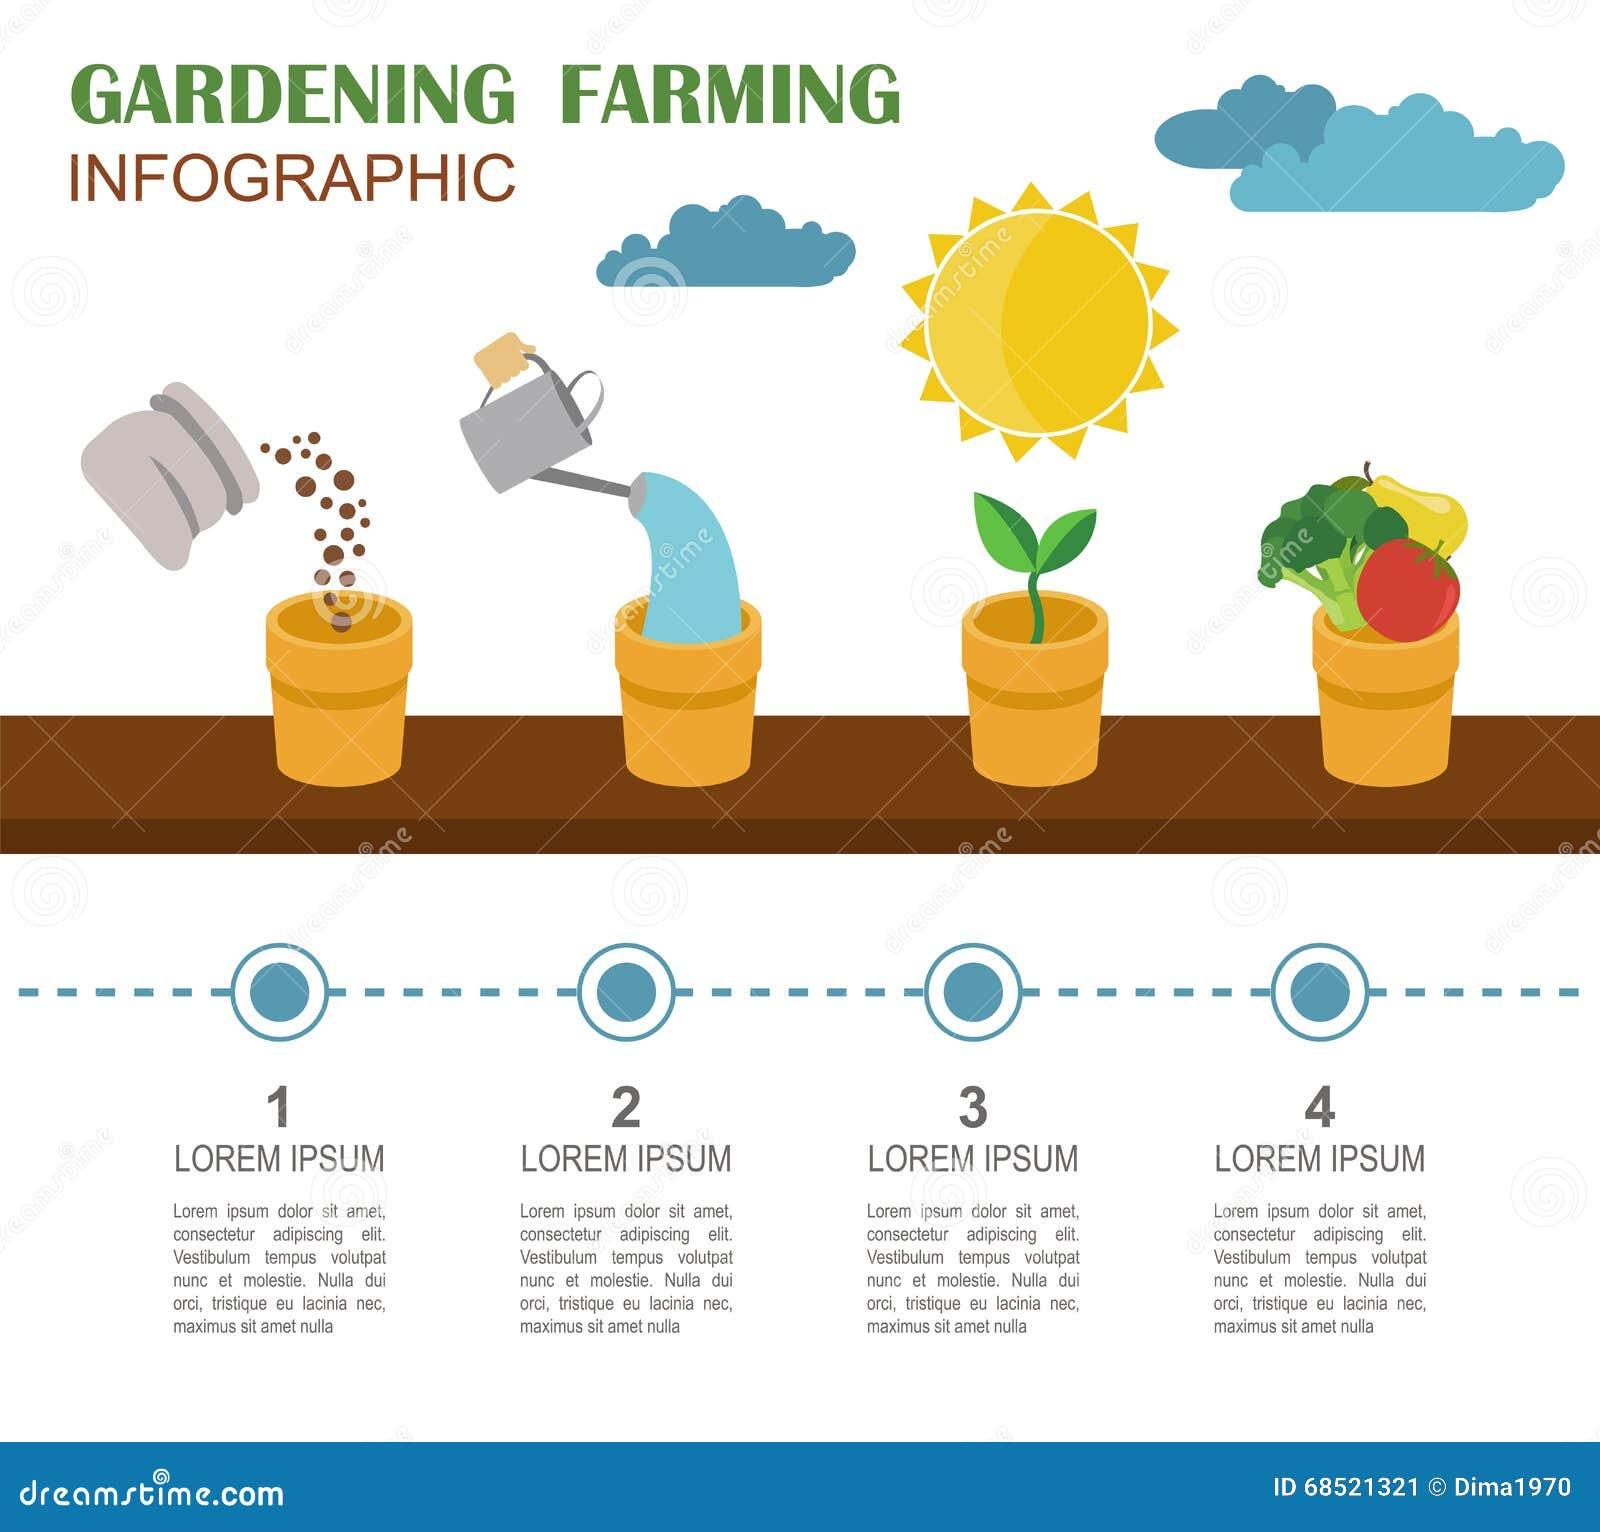 travail de jardinage agriculture infographic calibre graphique styl plat illustration de. Black Bedroom Furniture Sets. Home Design Ideas